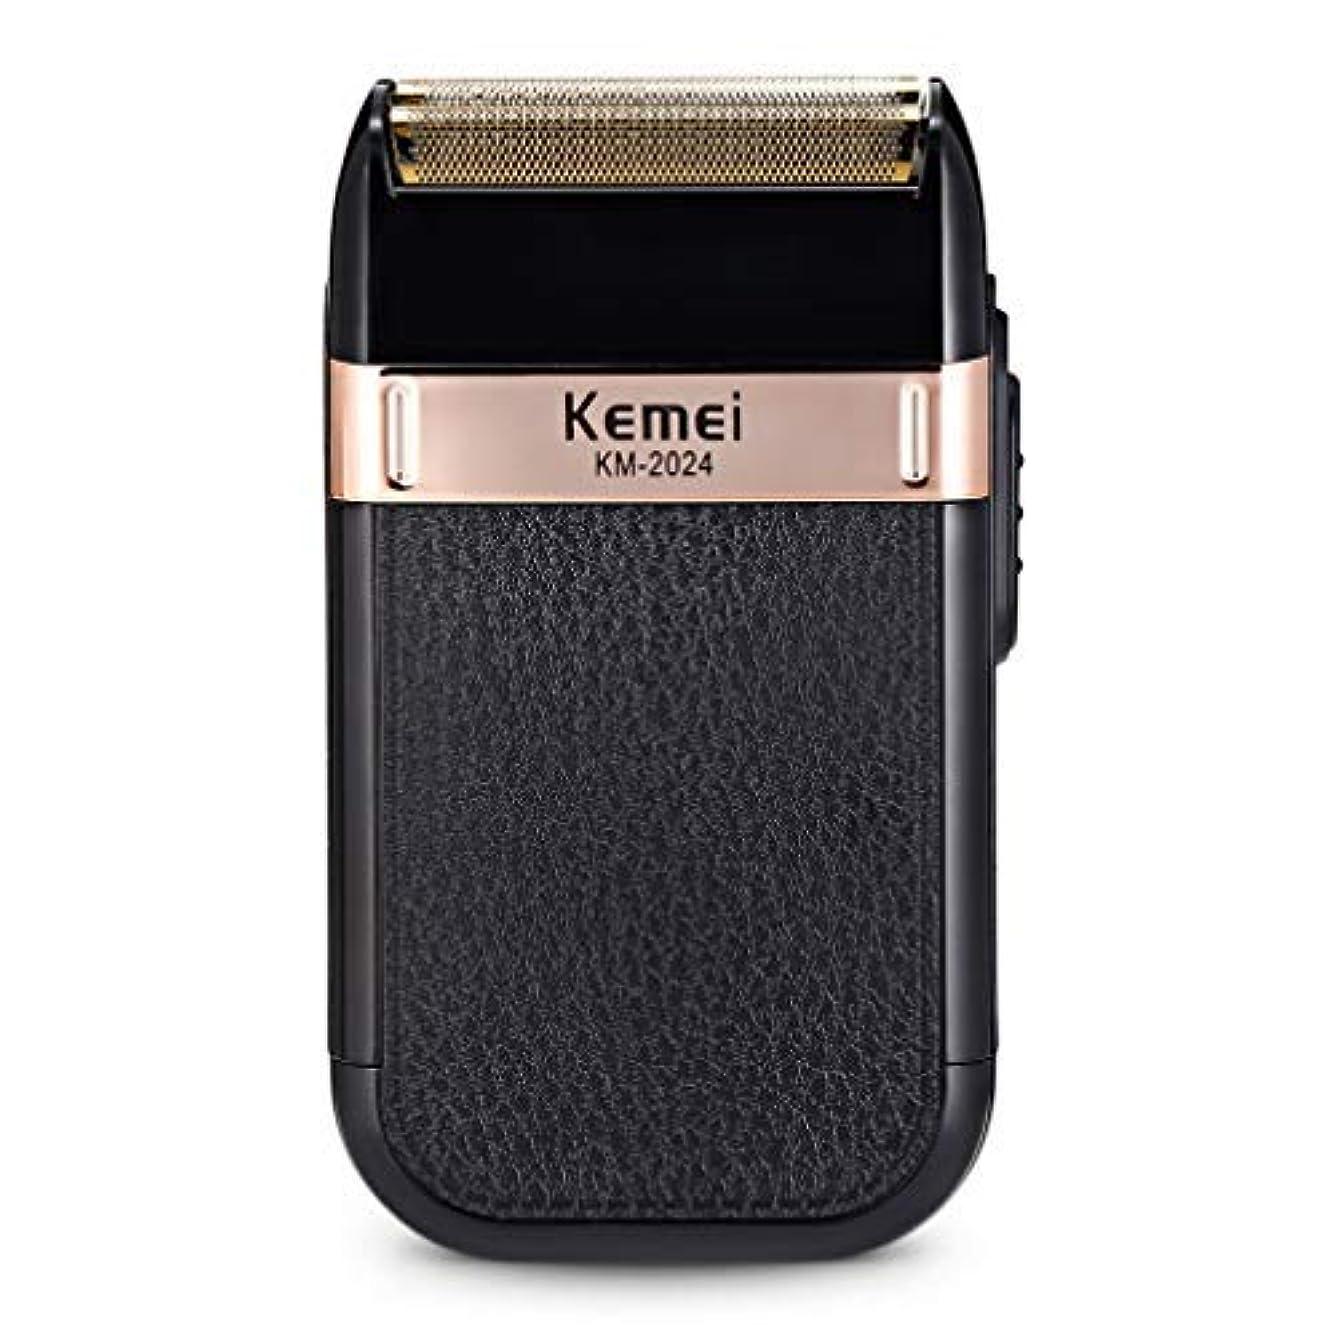 寄稿者太鼓腹ルートキロ - レシプロダブルメッシュレイザー金と銀のナイフネットボディウォッシュを充電2024For Kemei充電式Usbの